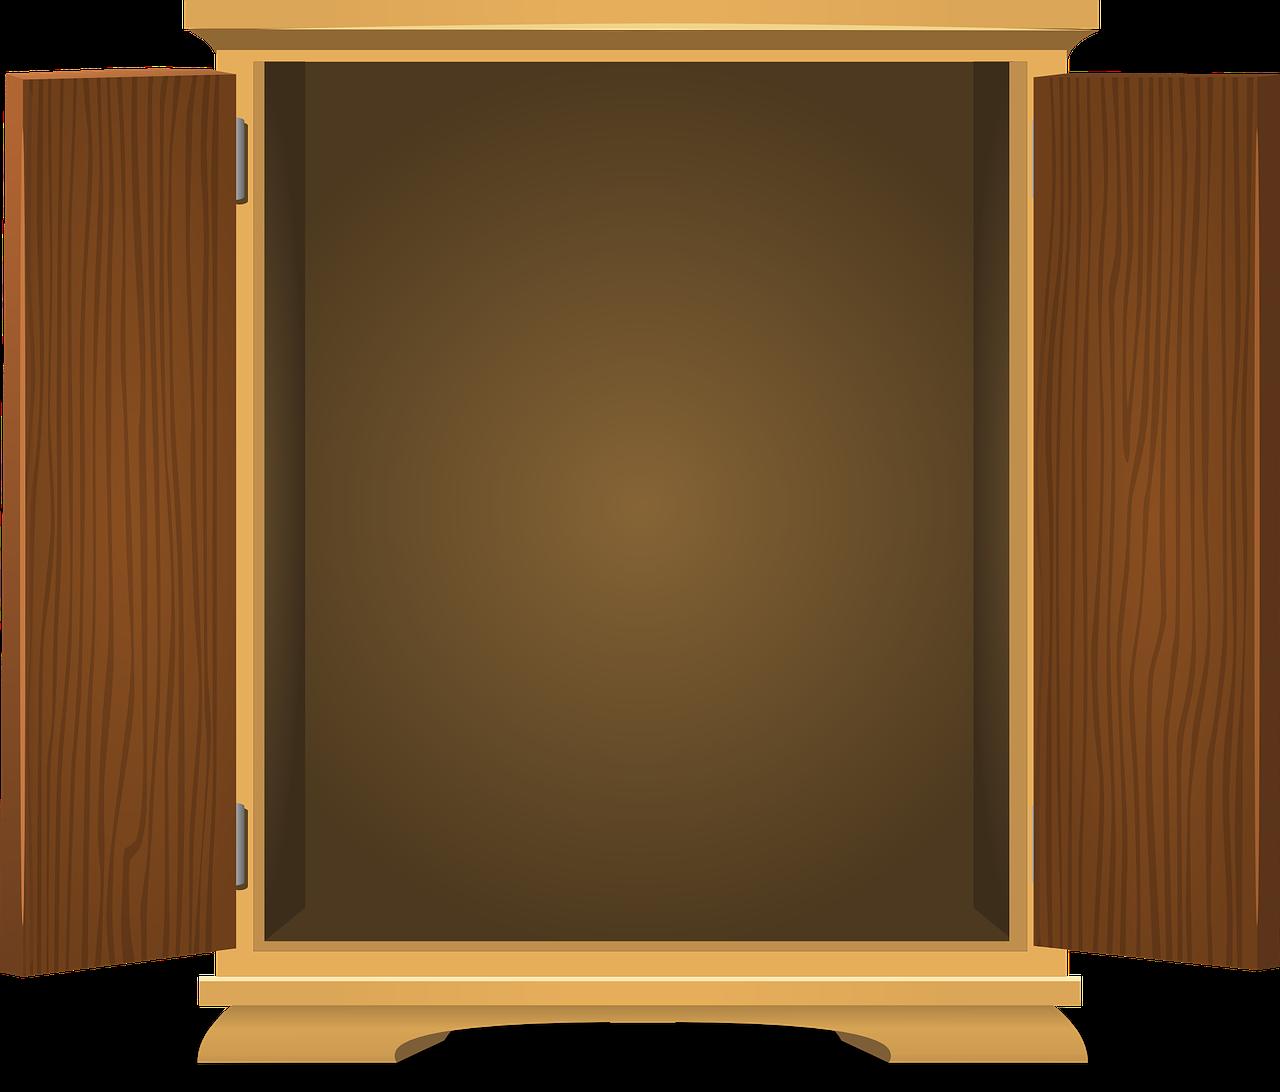 ארון פתוח